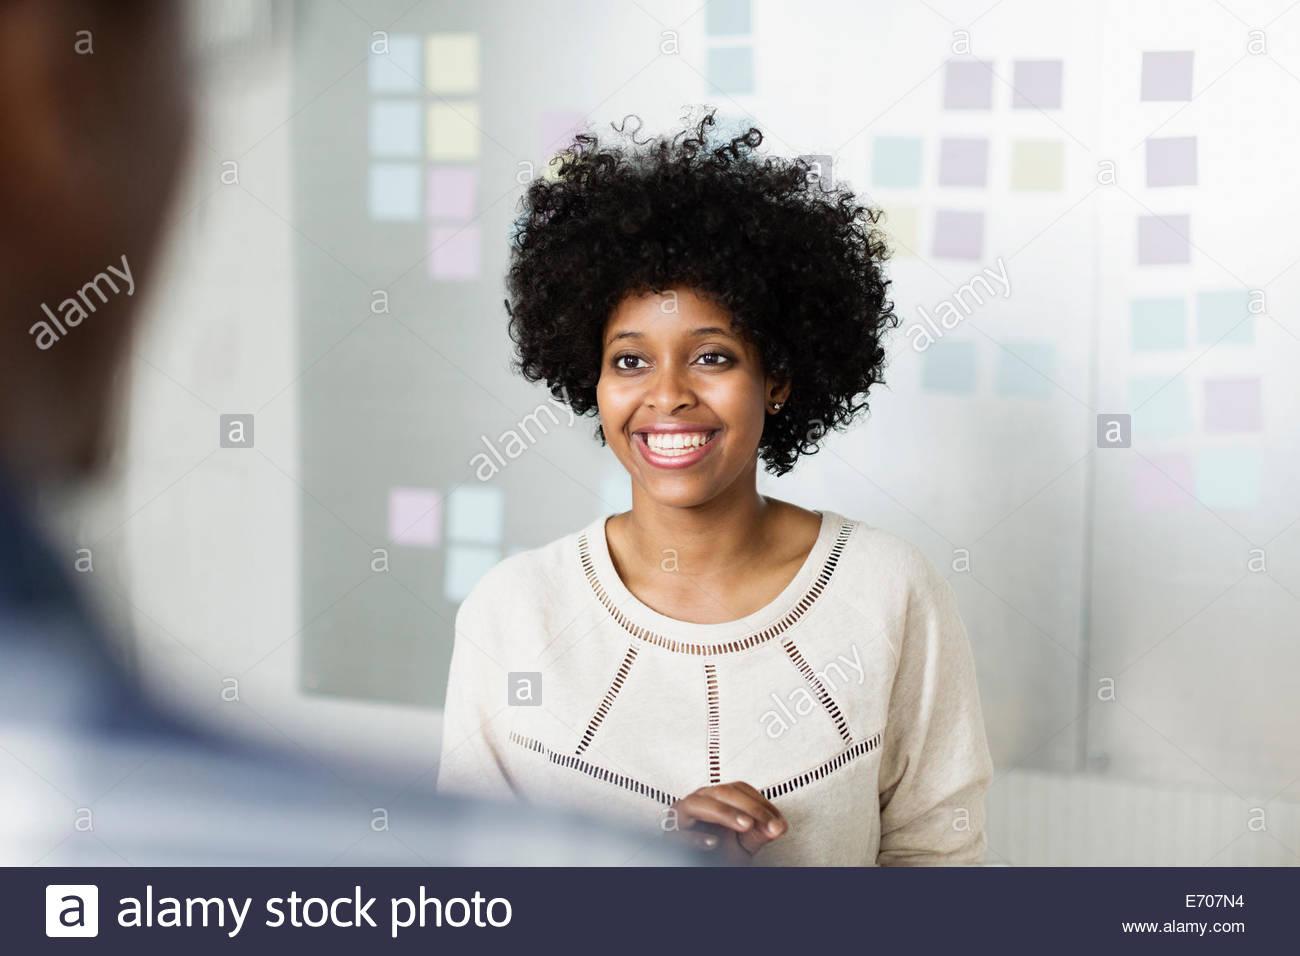 Porträt der jungen Frau lächelnd Stockfoto